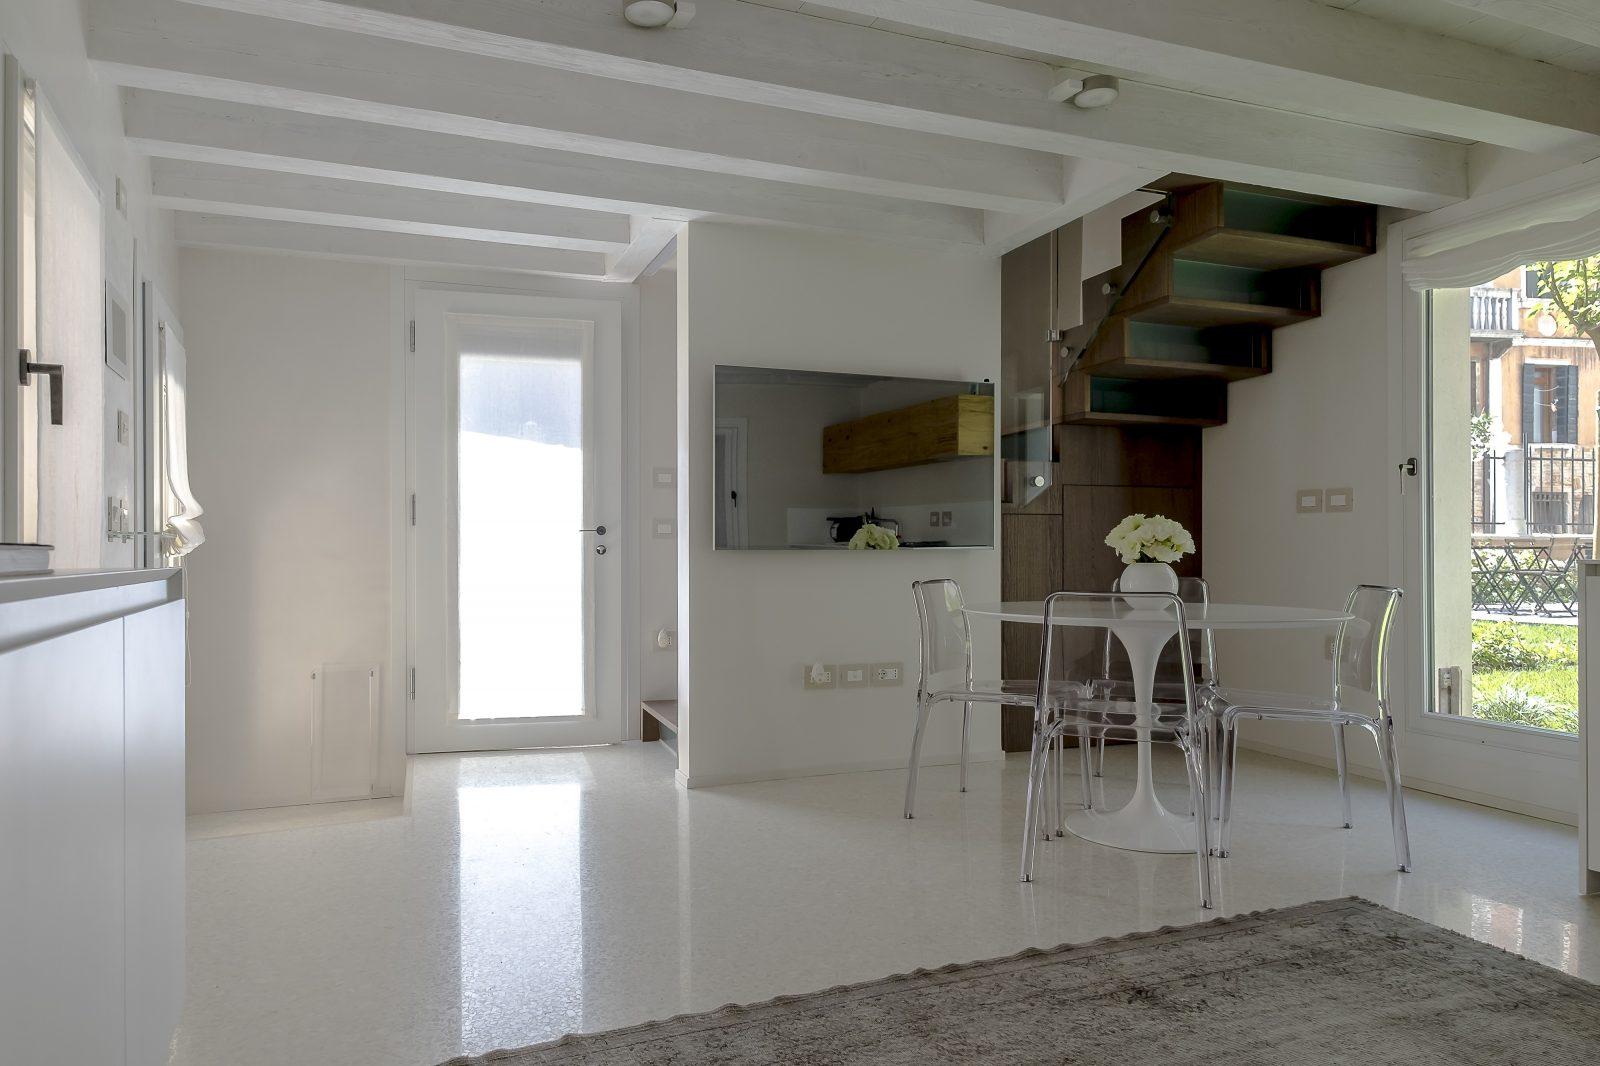 salotto-soggiorno-appartamento-mirto-scale-giardino-design-venezia-palazzo-morosini